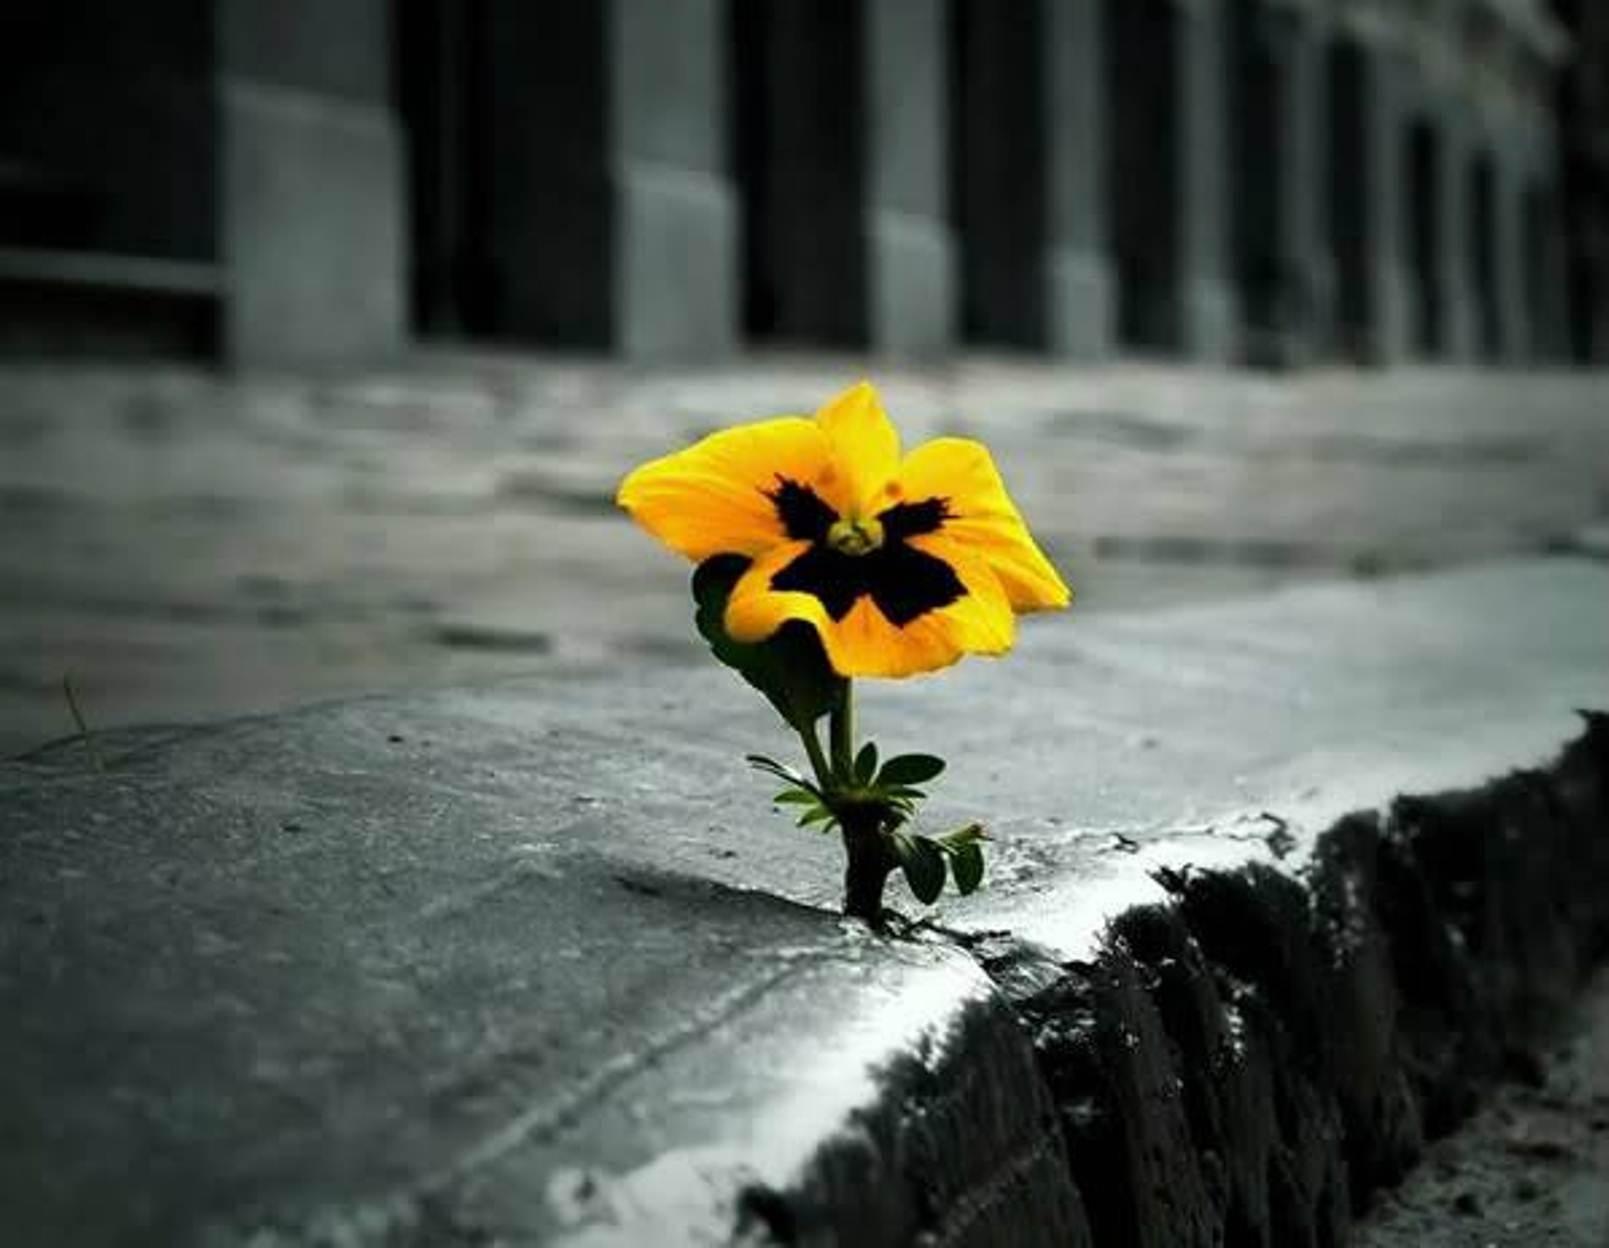 Il guerriero della luce crede. Poiché crede nei miracoli, i miracoli cominciano ad accadere.